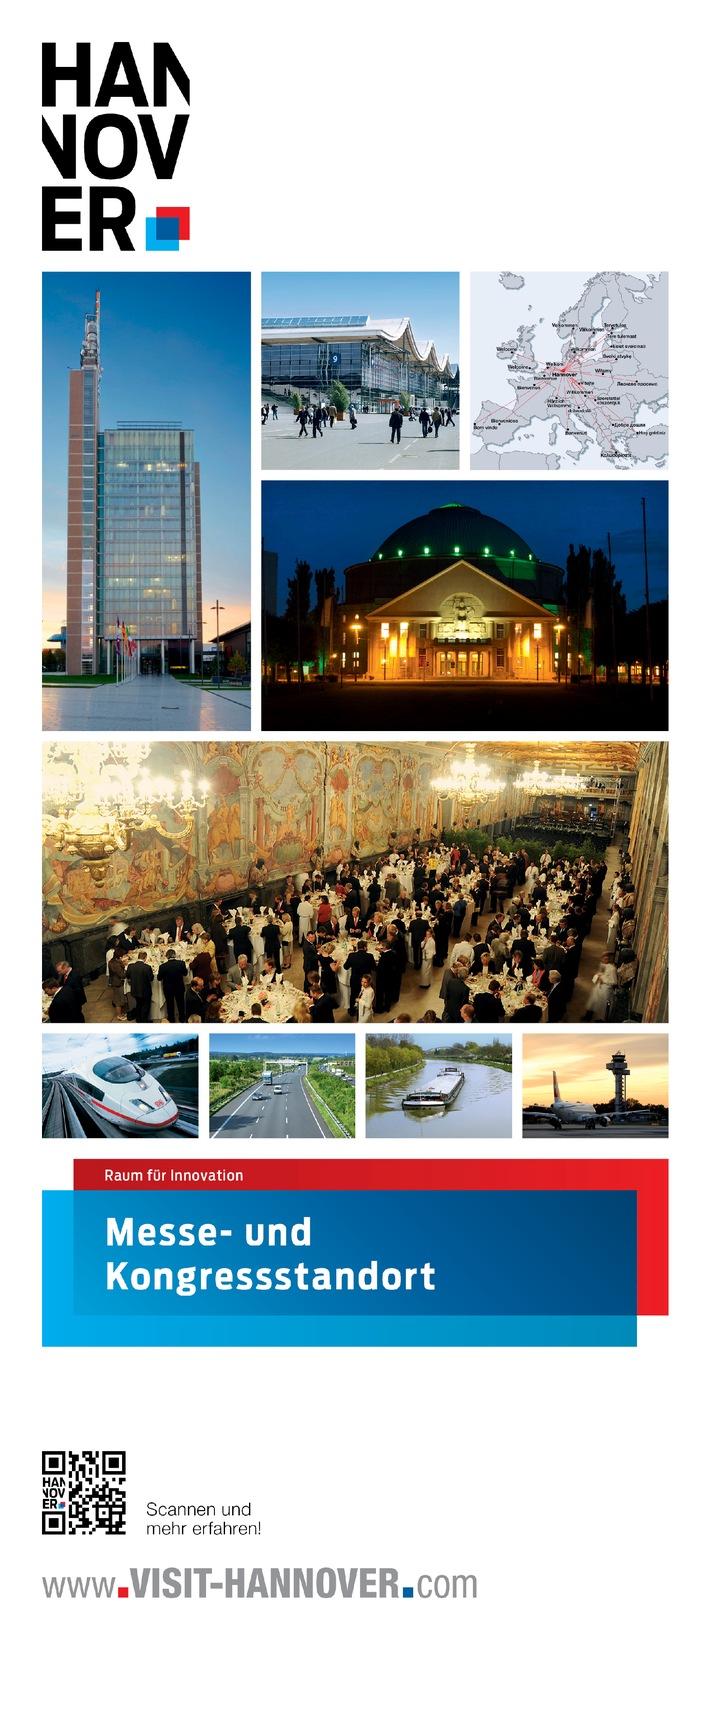 Hannover: Die Messe- und Kongress-Metropole in der Mitte Europas